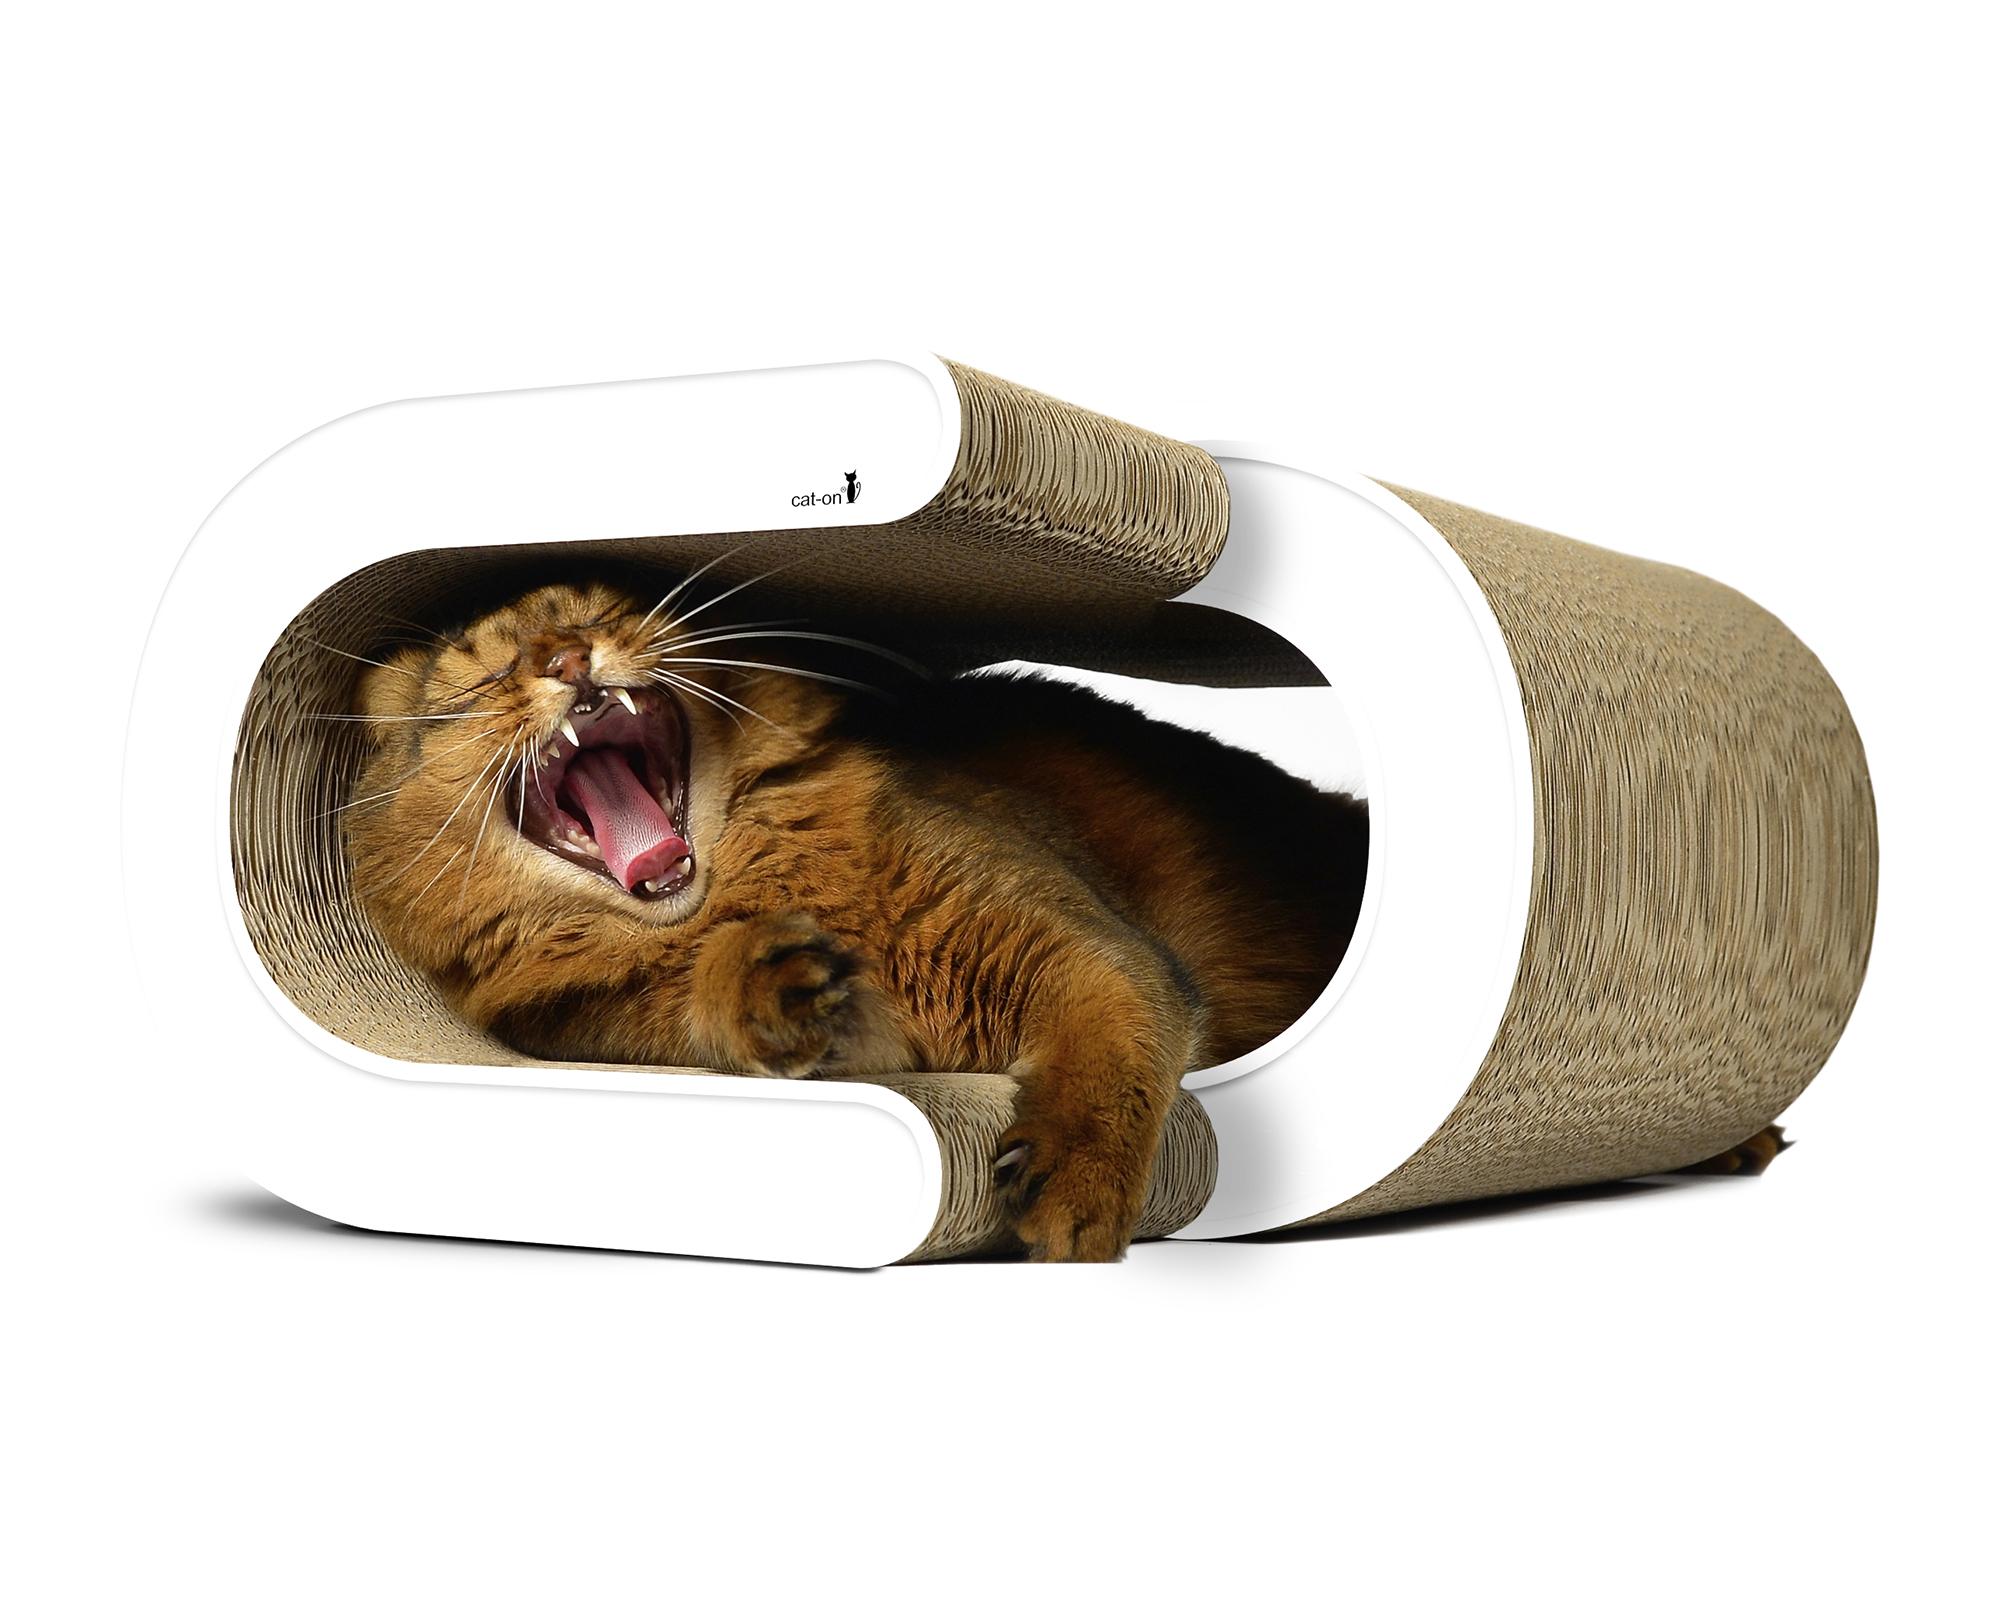 cat-on La Vague - stilvolles Kratzmöbel für Katzen